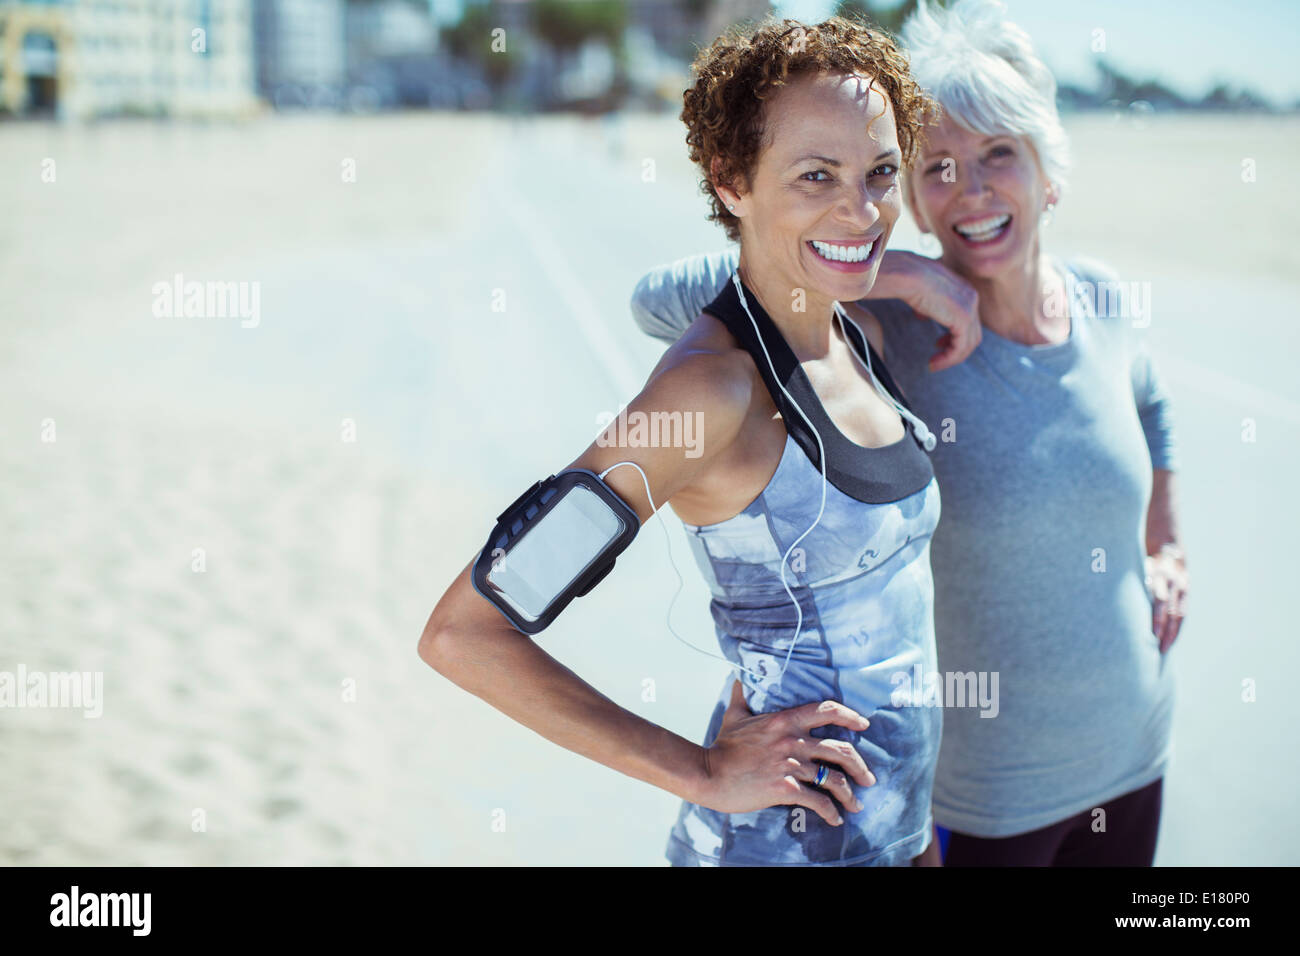 Portrait of smiling women in sportswear outdoors - Stock Image